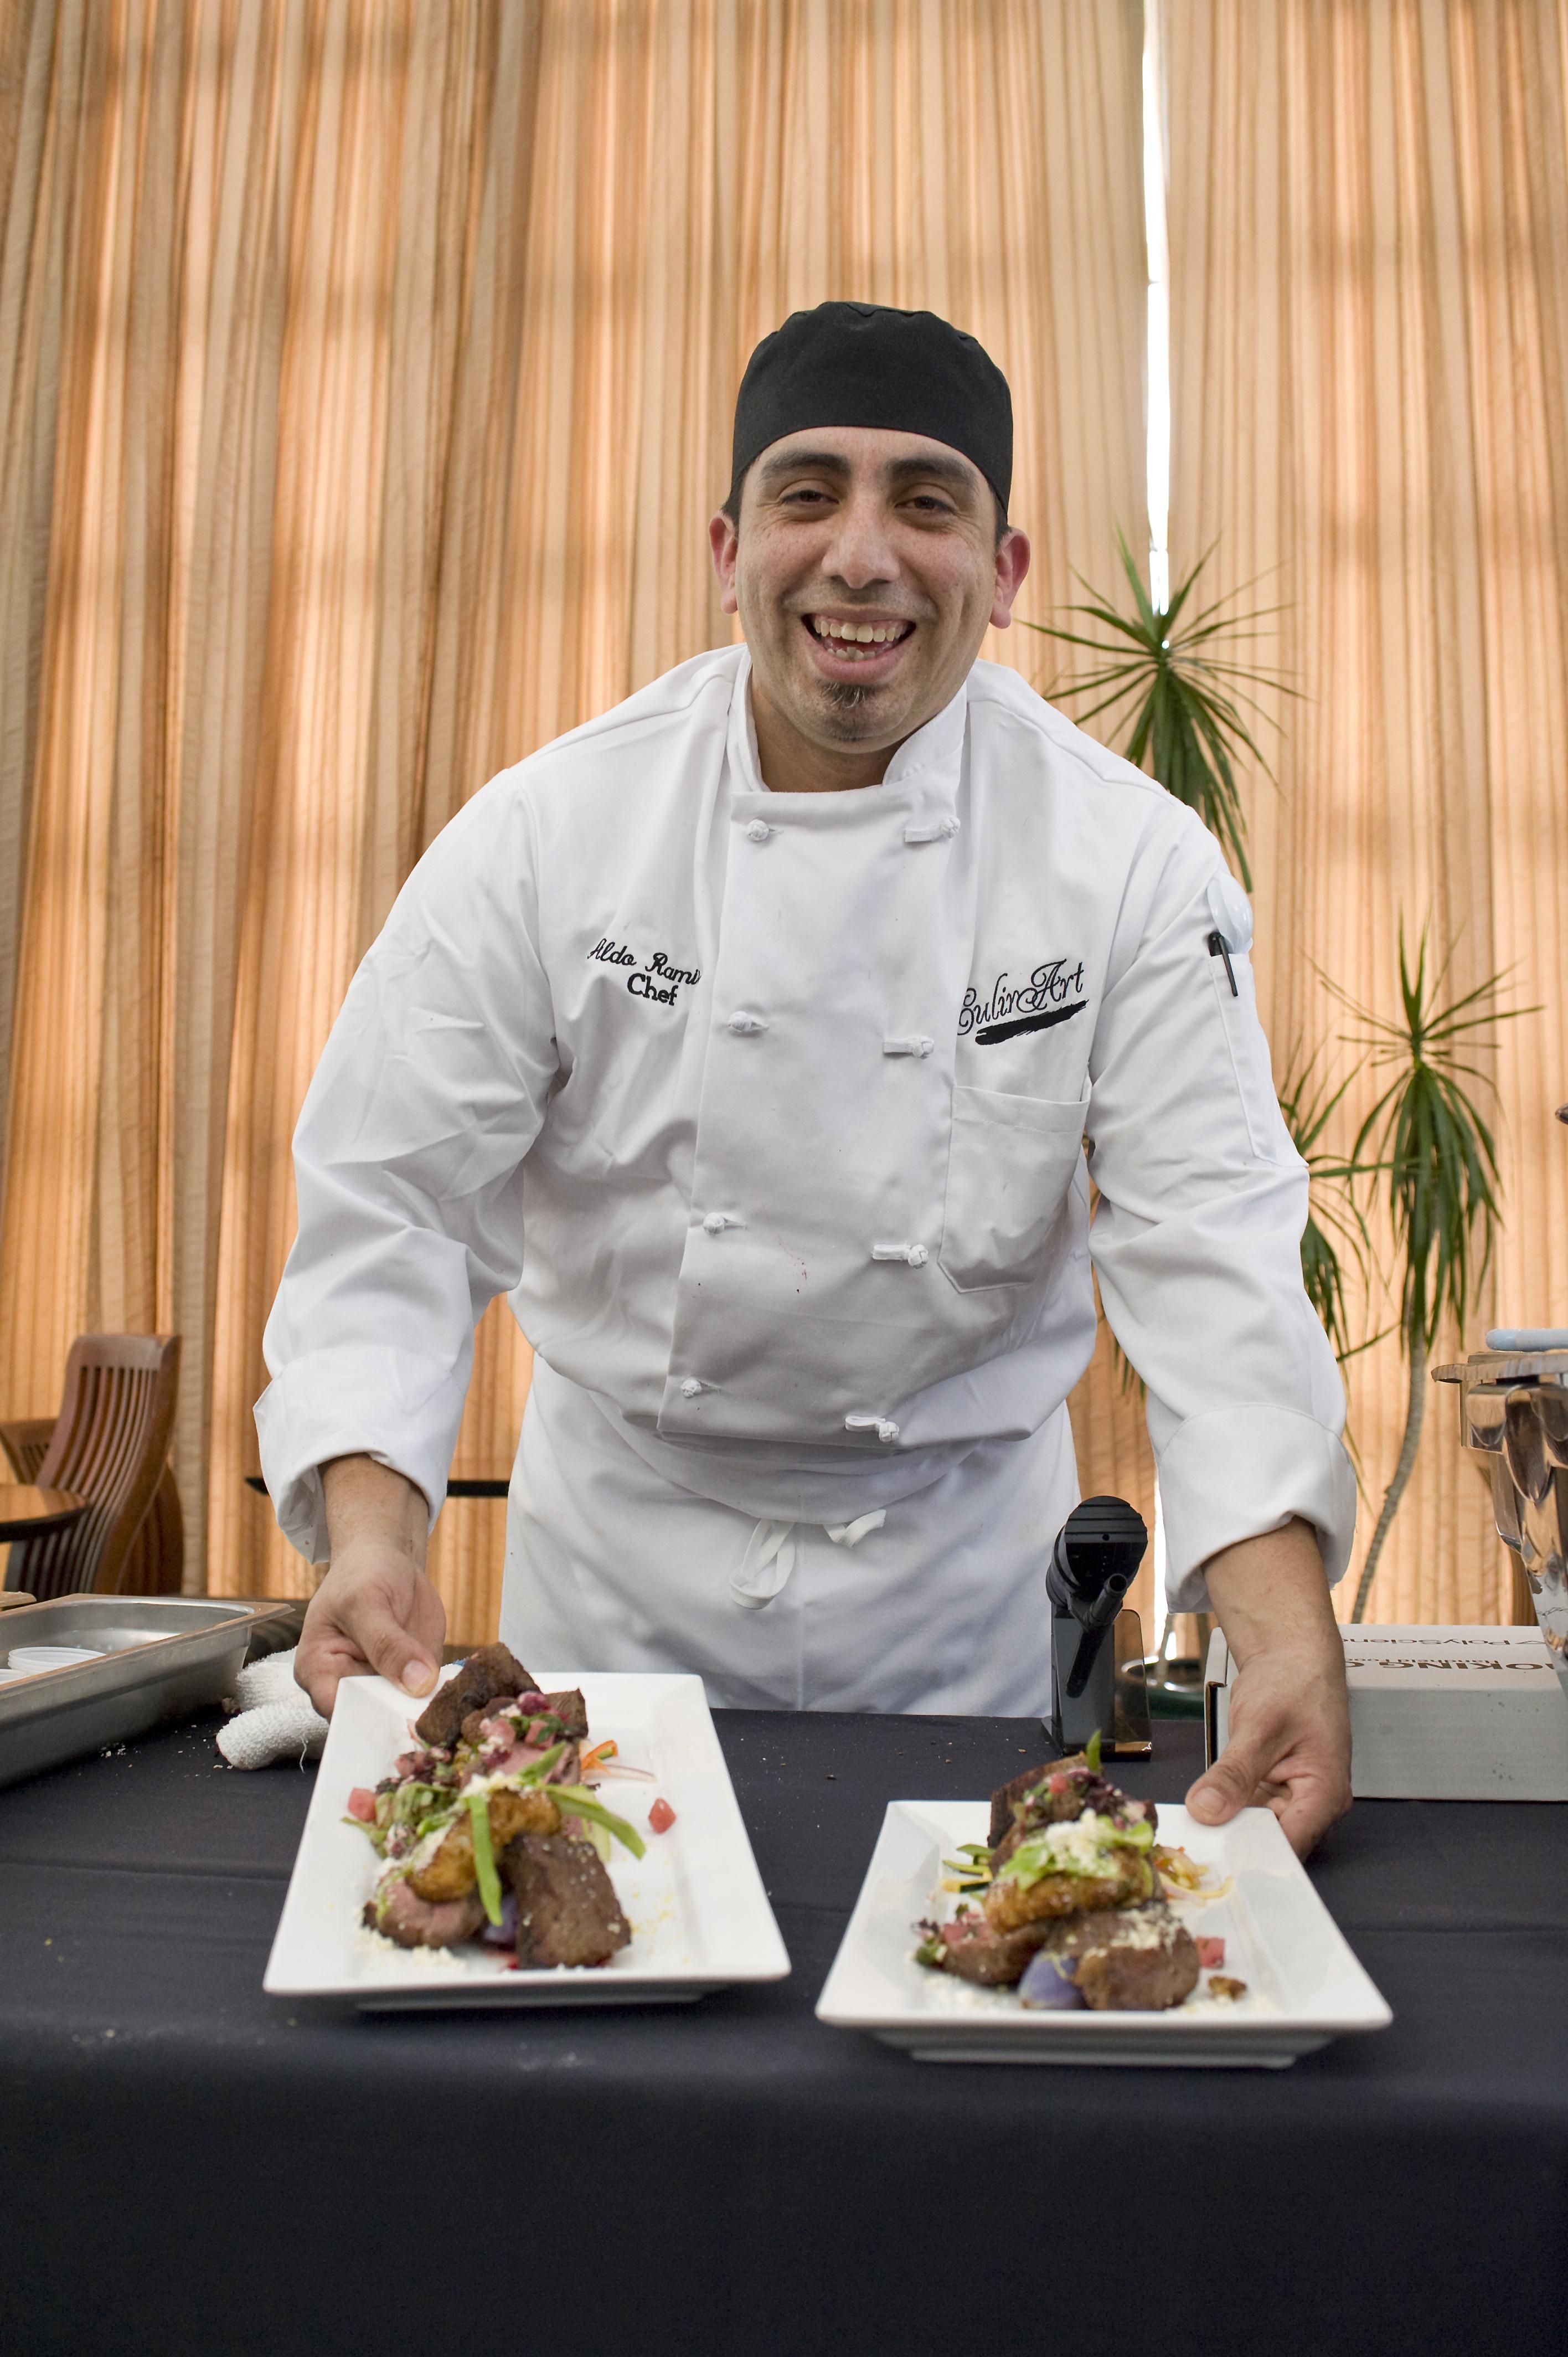 Chef Aldo Ramirez displays his culinary talents. (credit: Courtesy of Ken Andreyo)